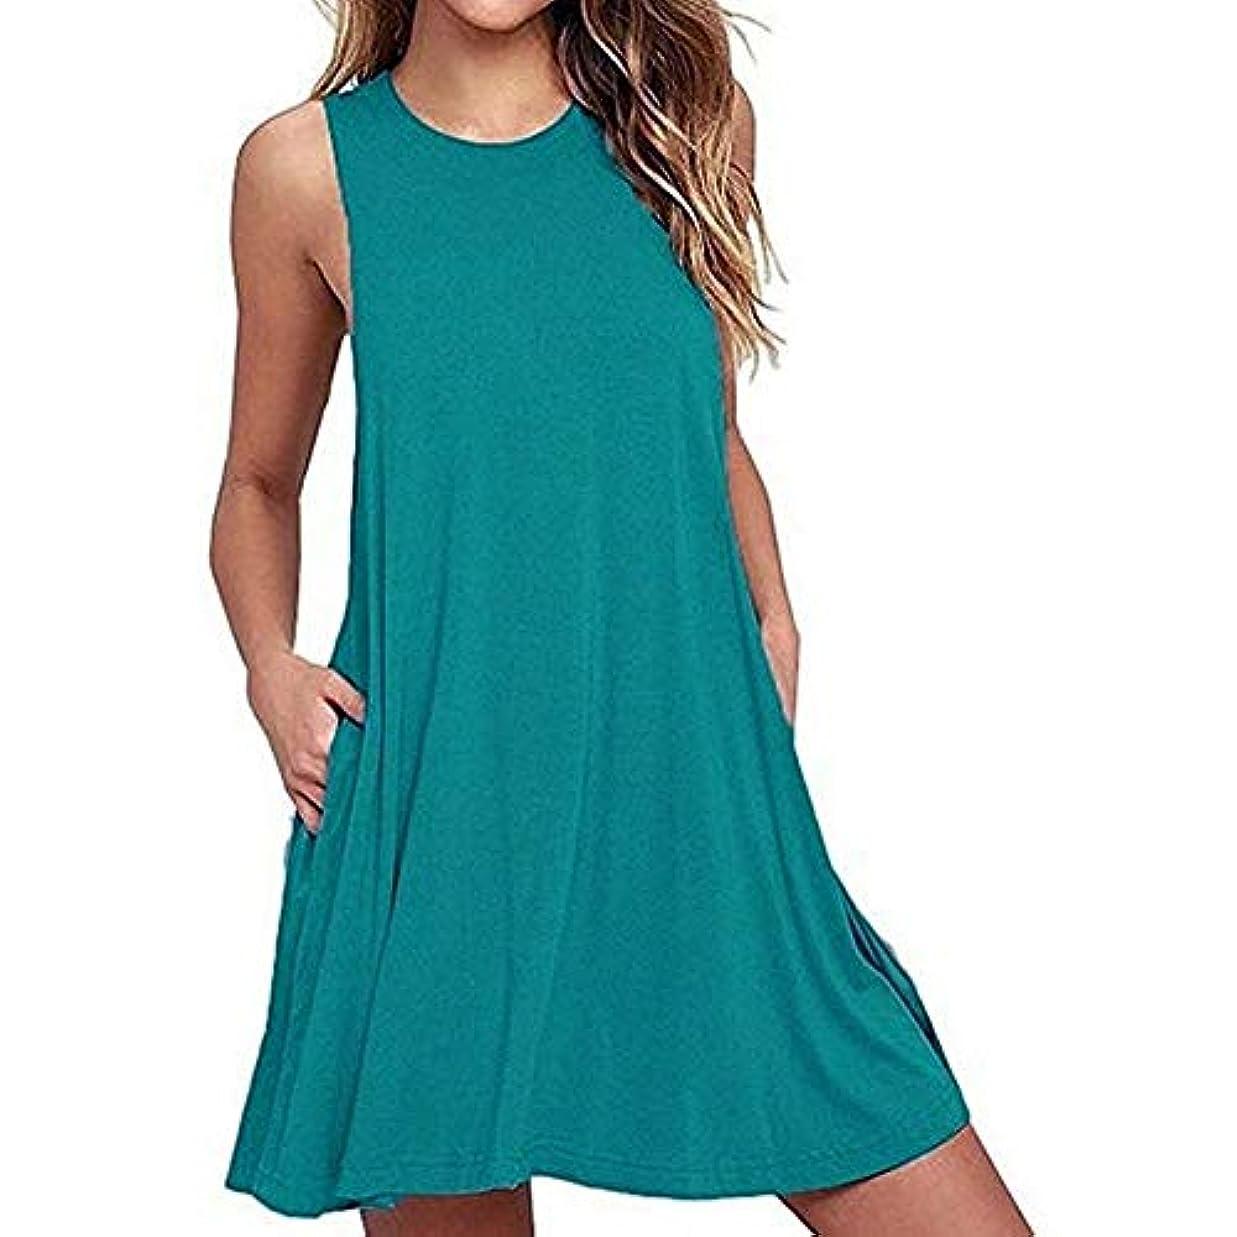 線形心のこもった予測子MIFAN 人の女性のドレス、プラスサイズのドレス、ノースリーブのドレス、ミニドレス、ホルタードレス、コットンドレス